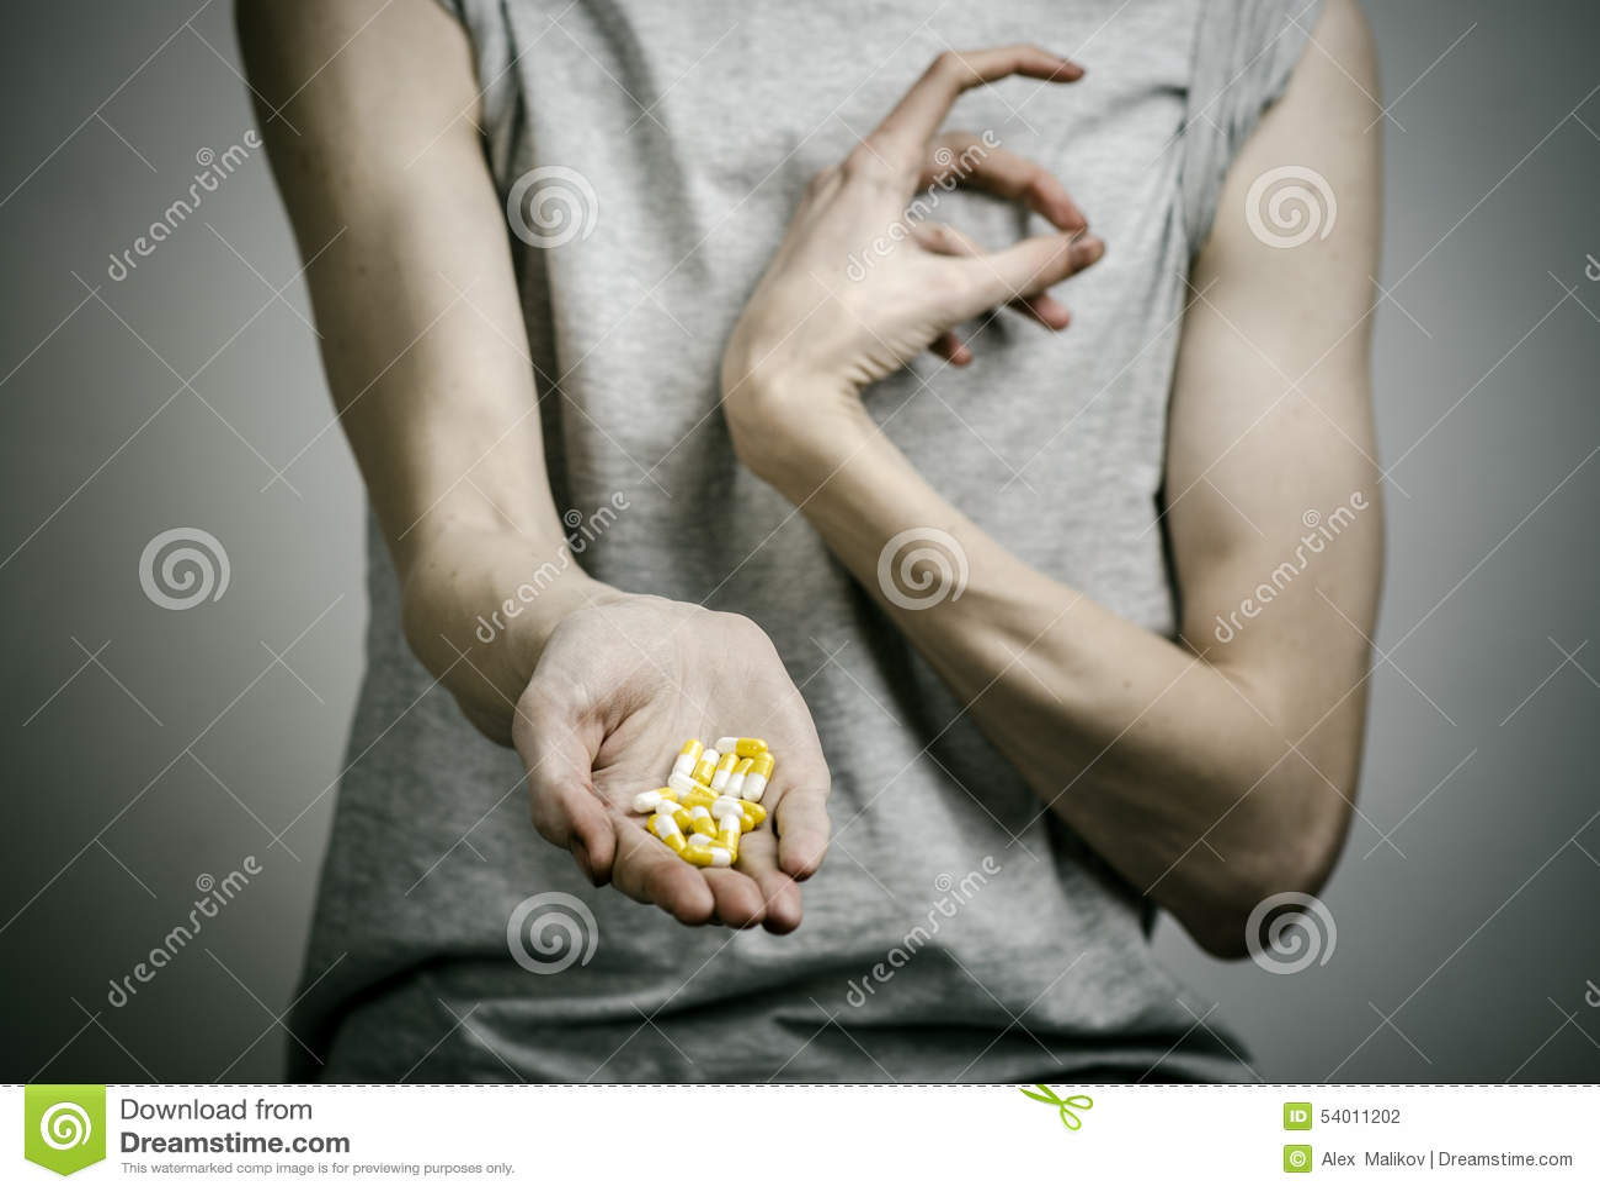 Kampen mot droger och narkotikaberoendeämne: missbruka rymma narkotiska preventivpillerar på en mörk bakgrund